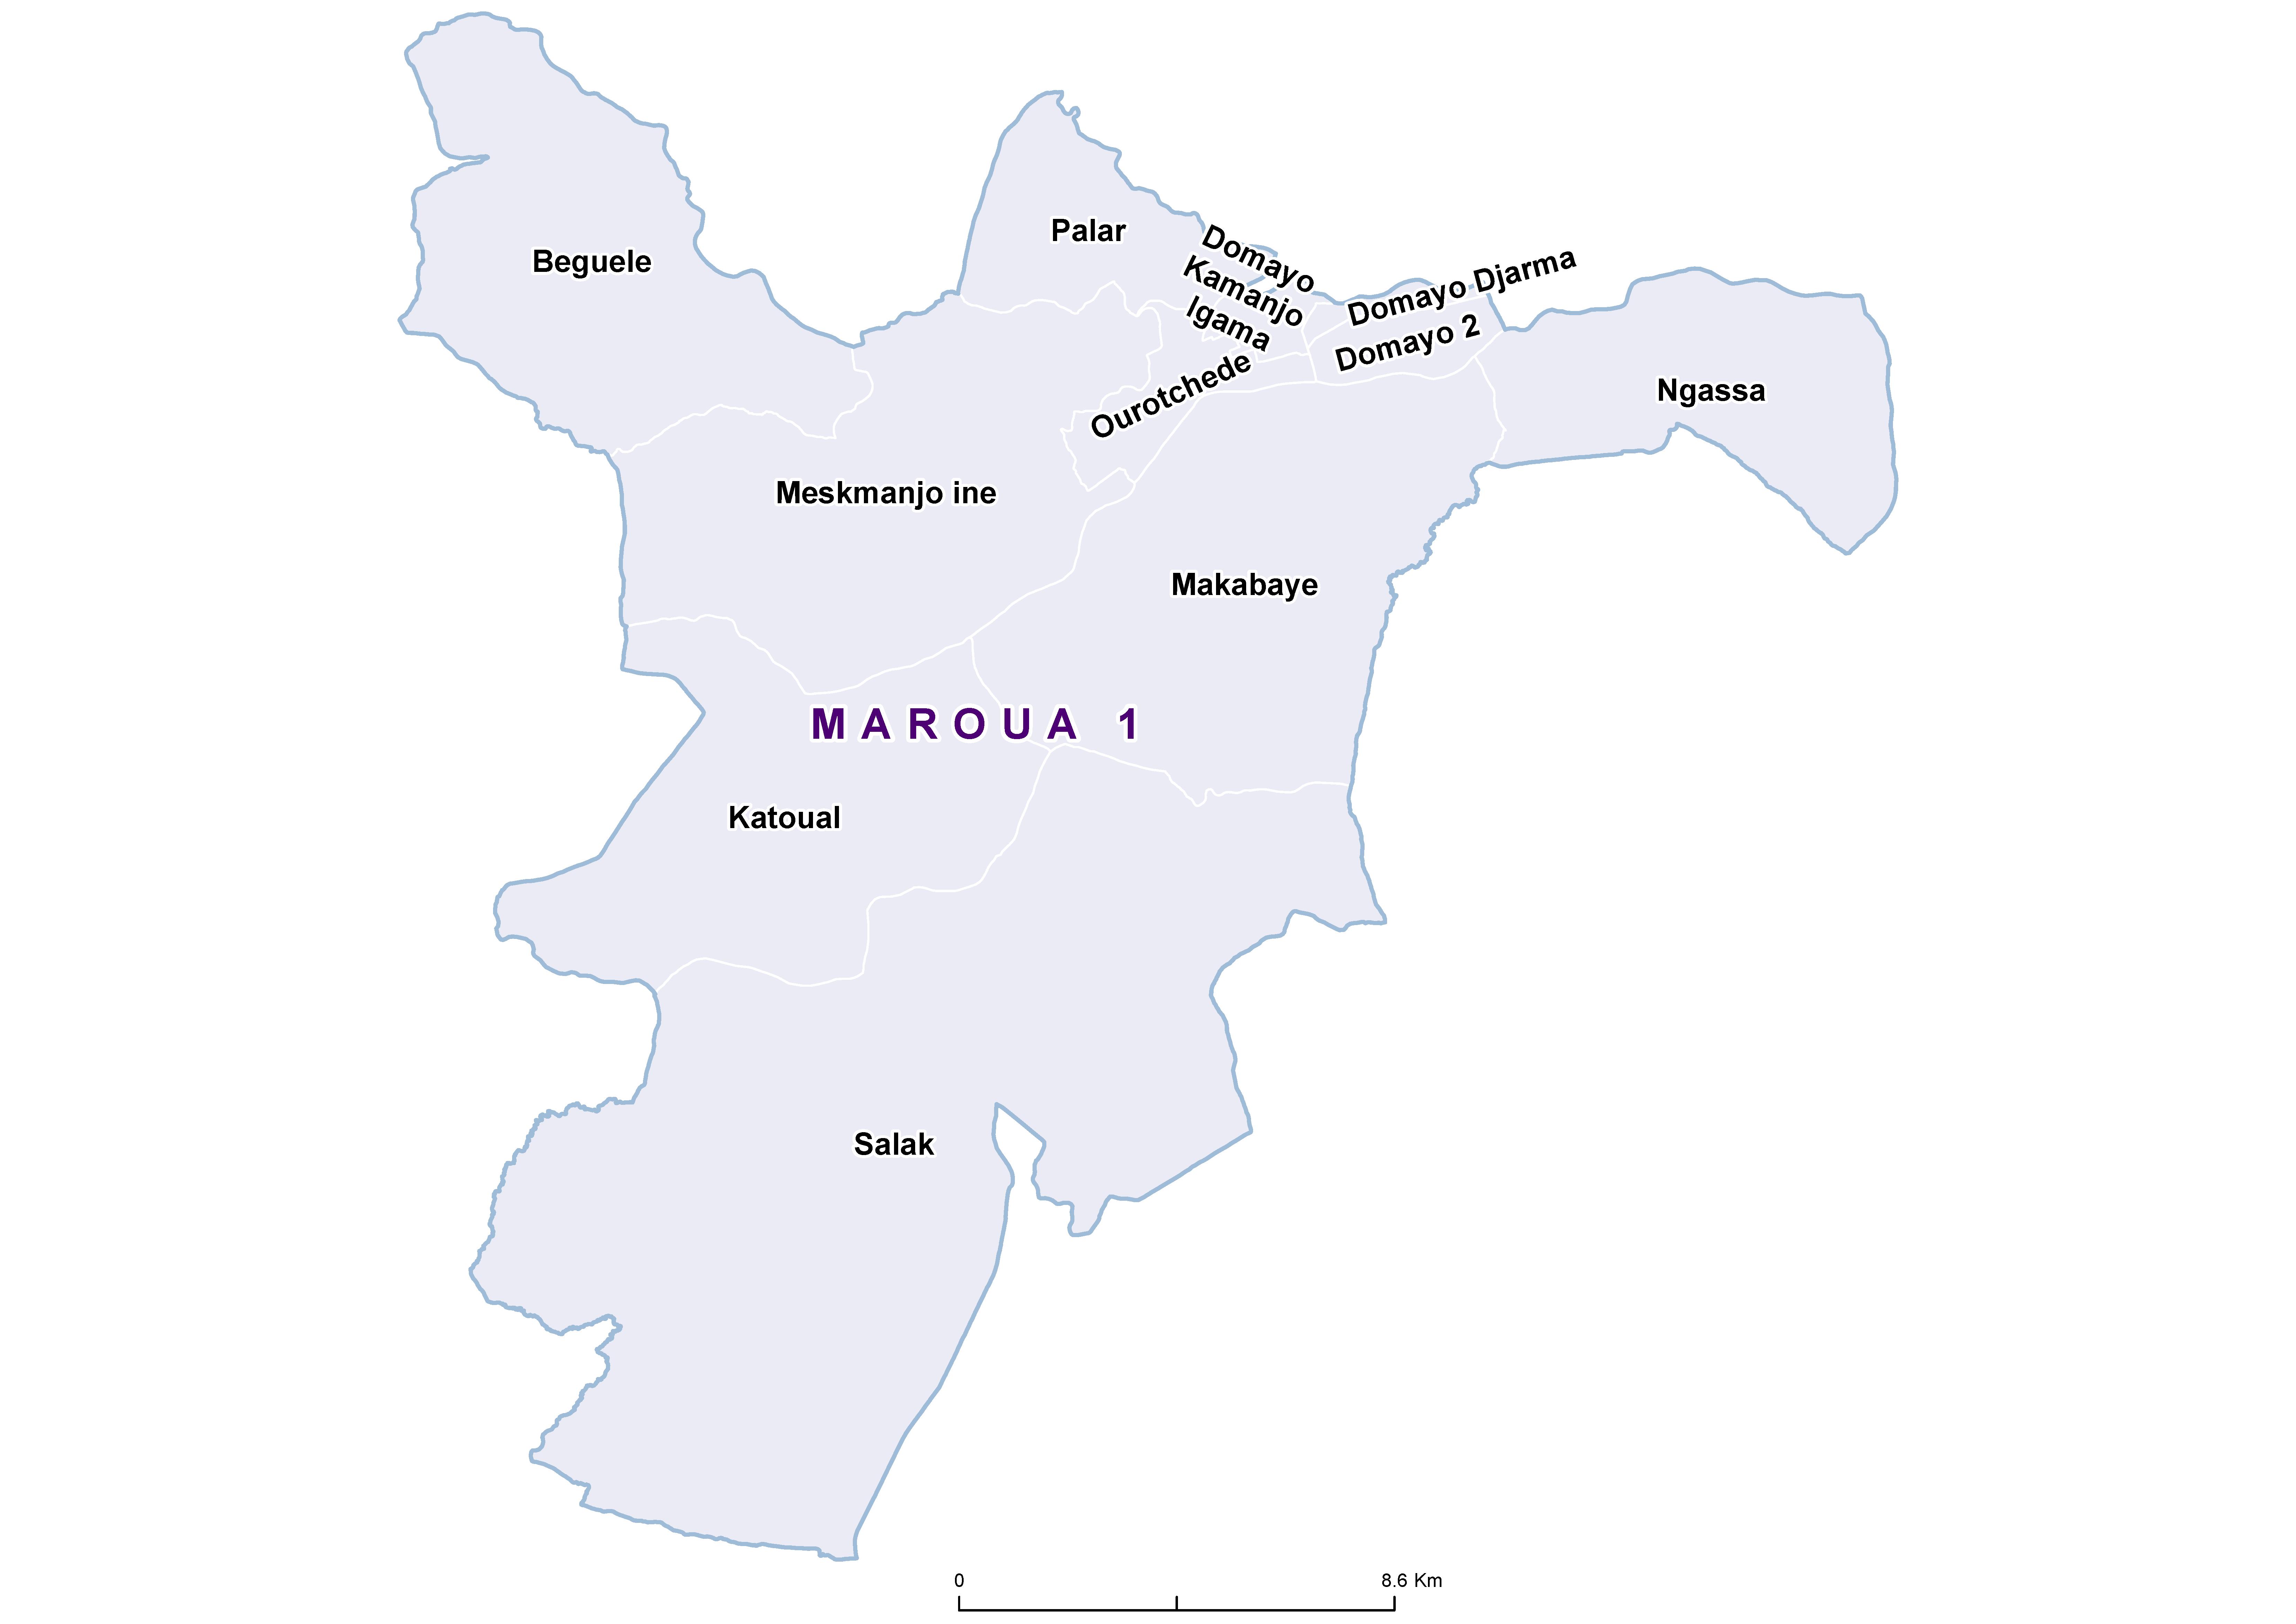 Maroua 1 STH 20180001